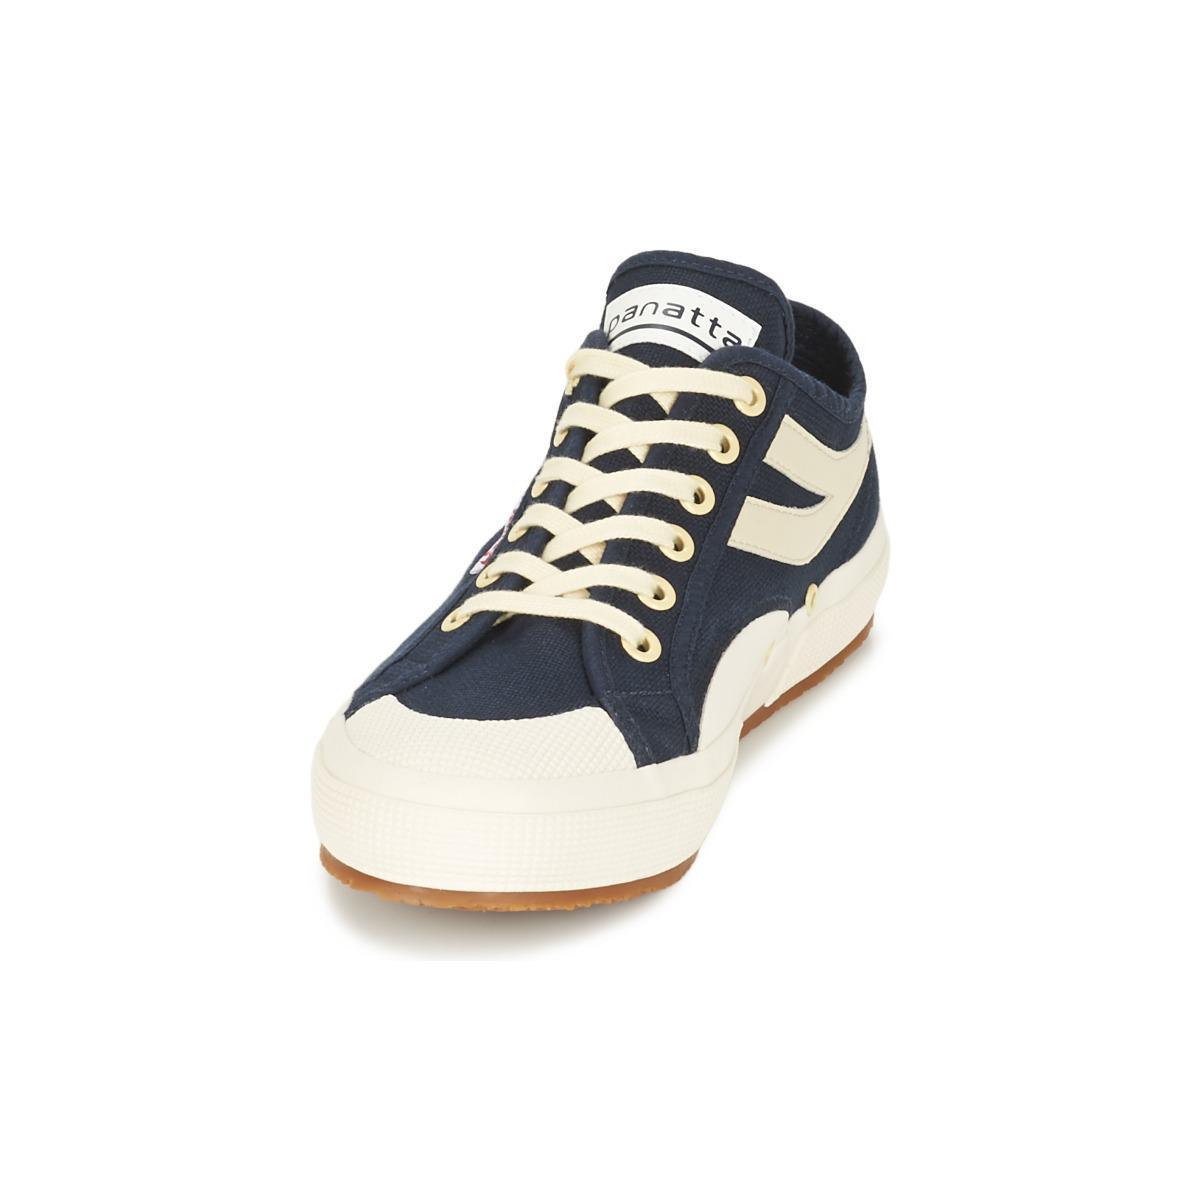 Superga Rubber 2750 Cotu Panatta Shoes (trainers) in Blue